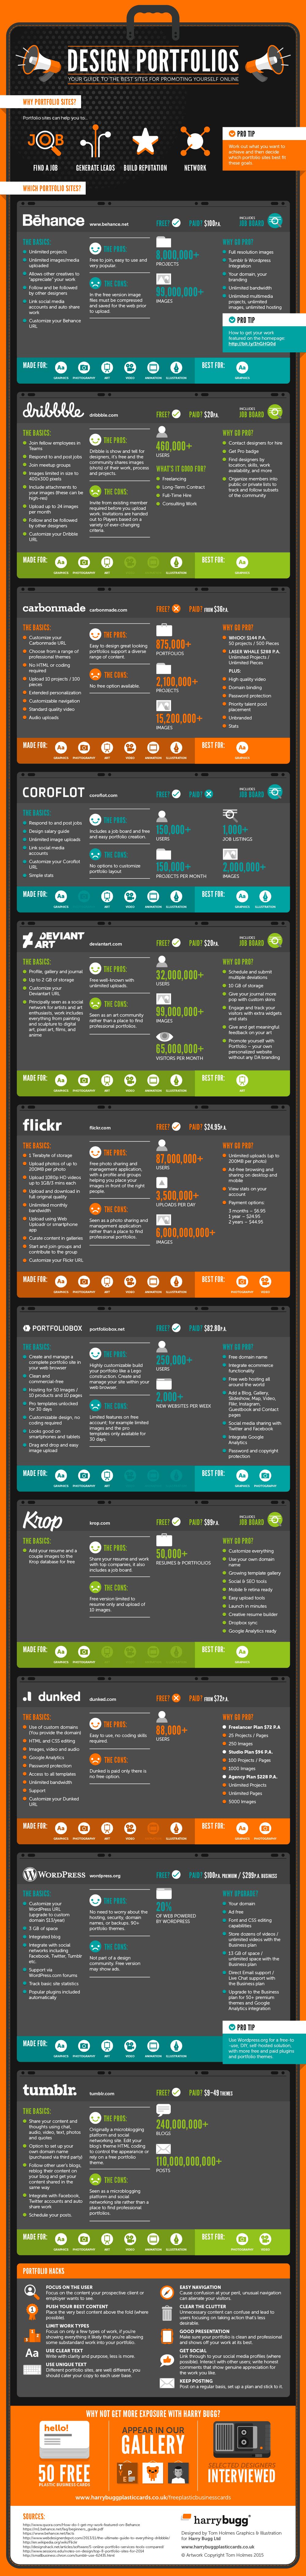 DesignWebsites